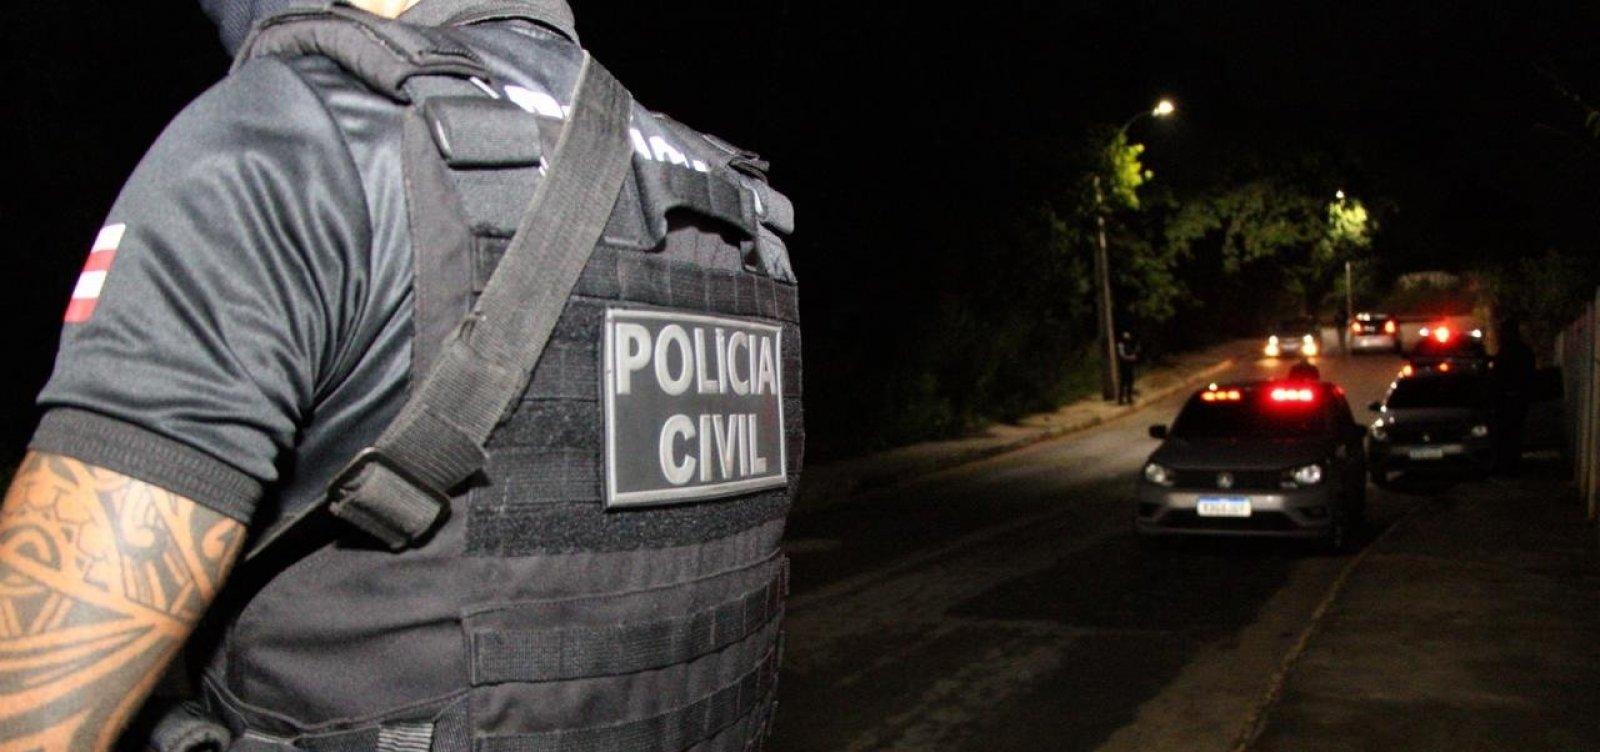 Polícia prende dupla suspeita de planejar ataque contra agência móvel da Caixa